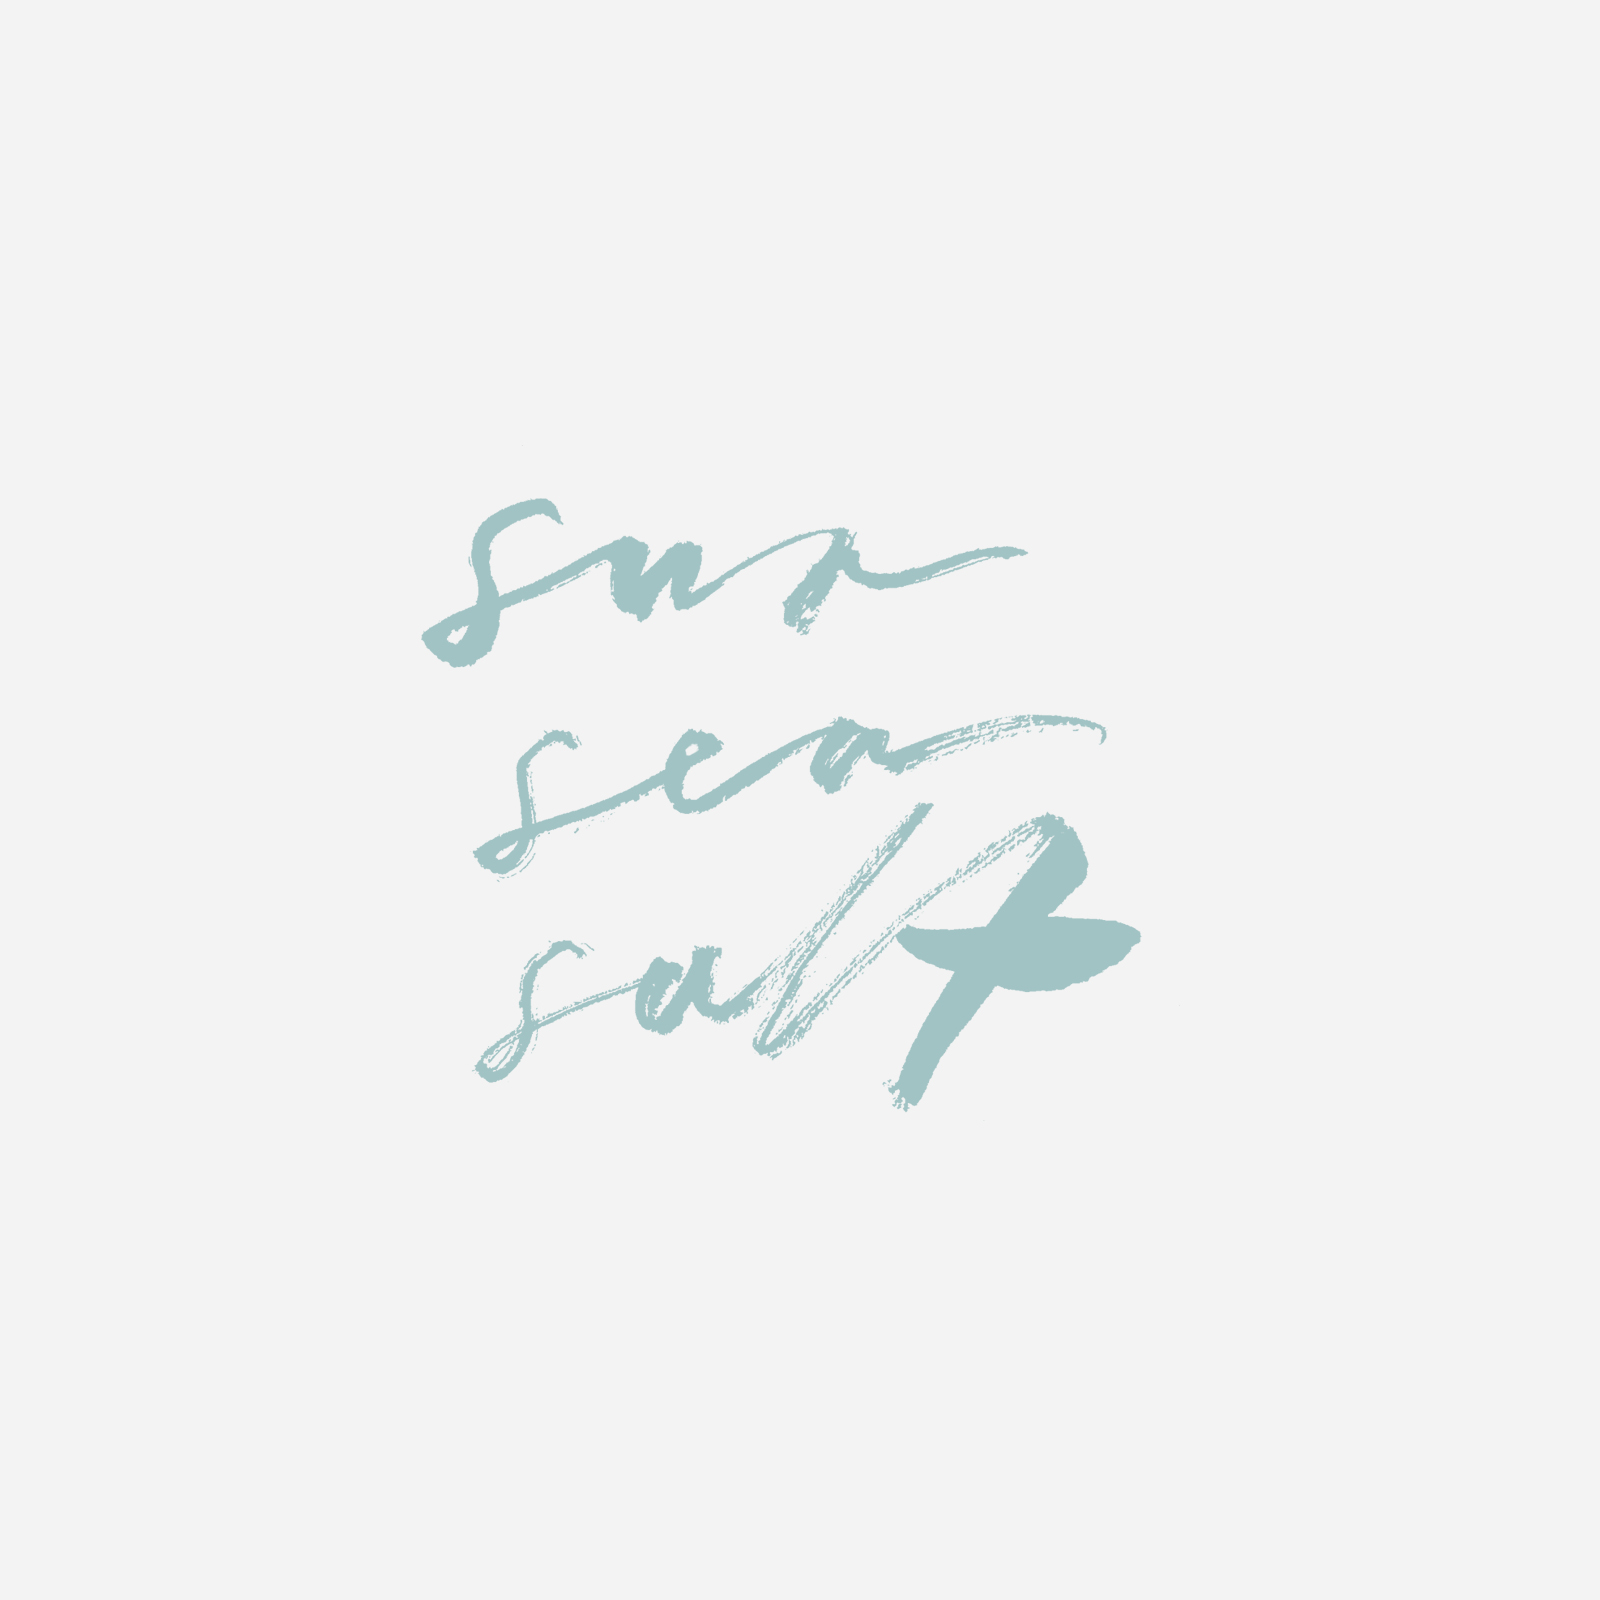 Sun Sea Salt Lettering by Belinda Love Lee